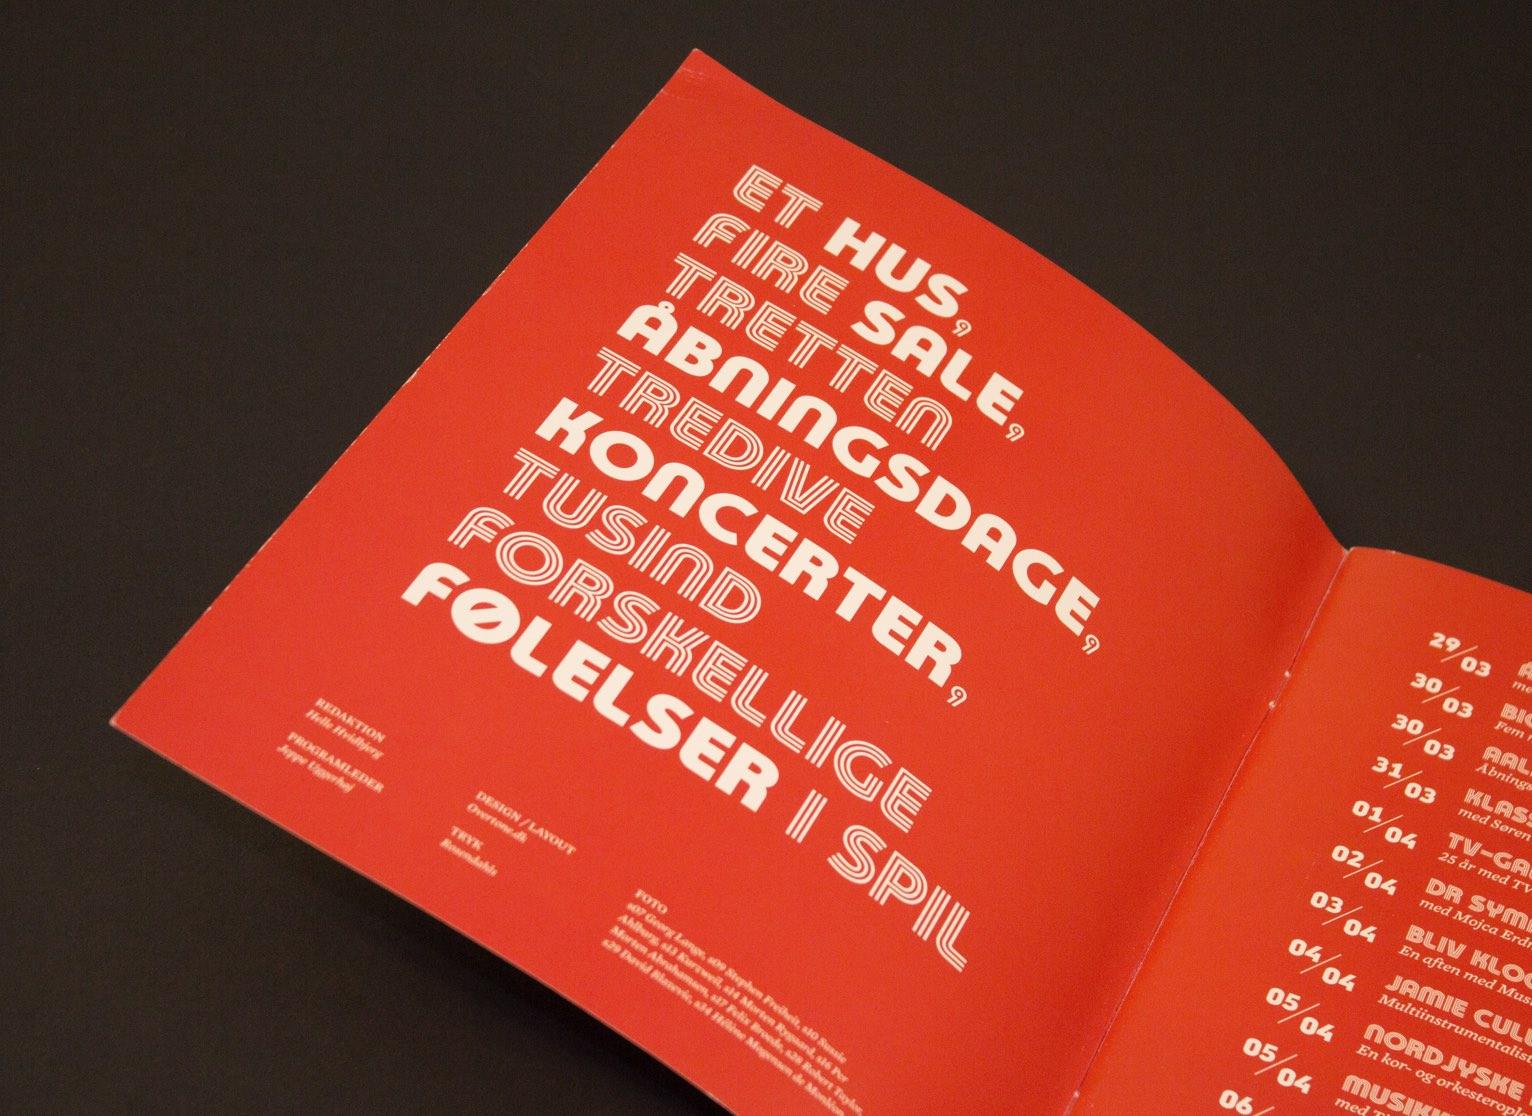 musikkenshus_print02